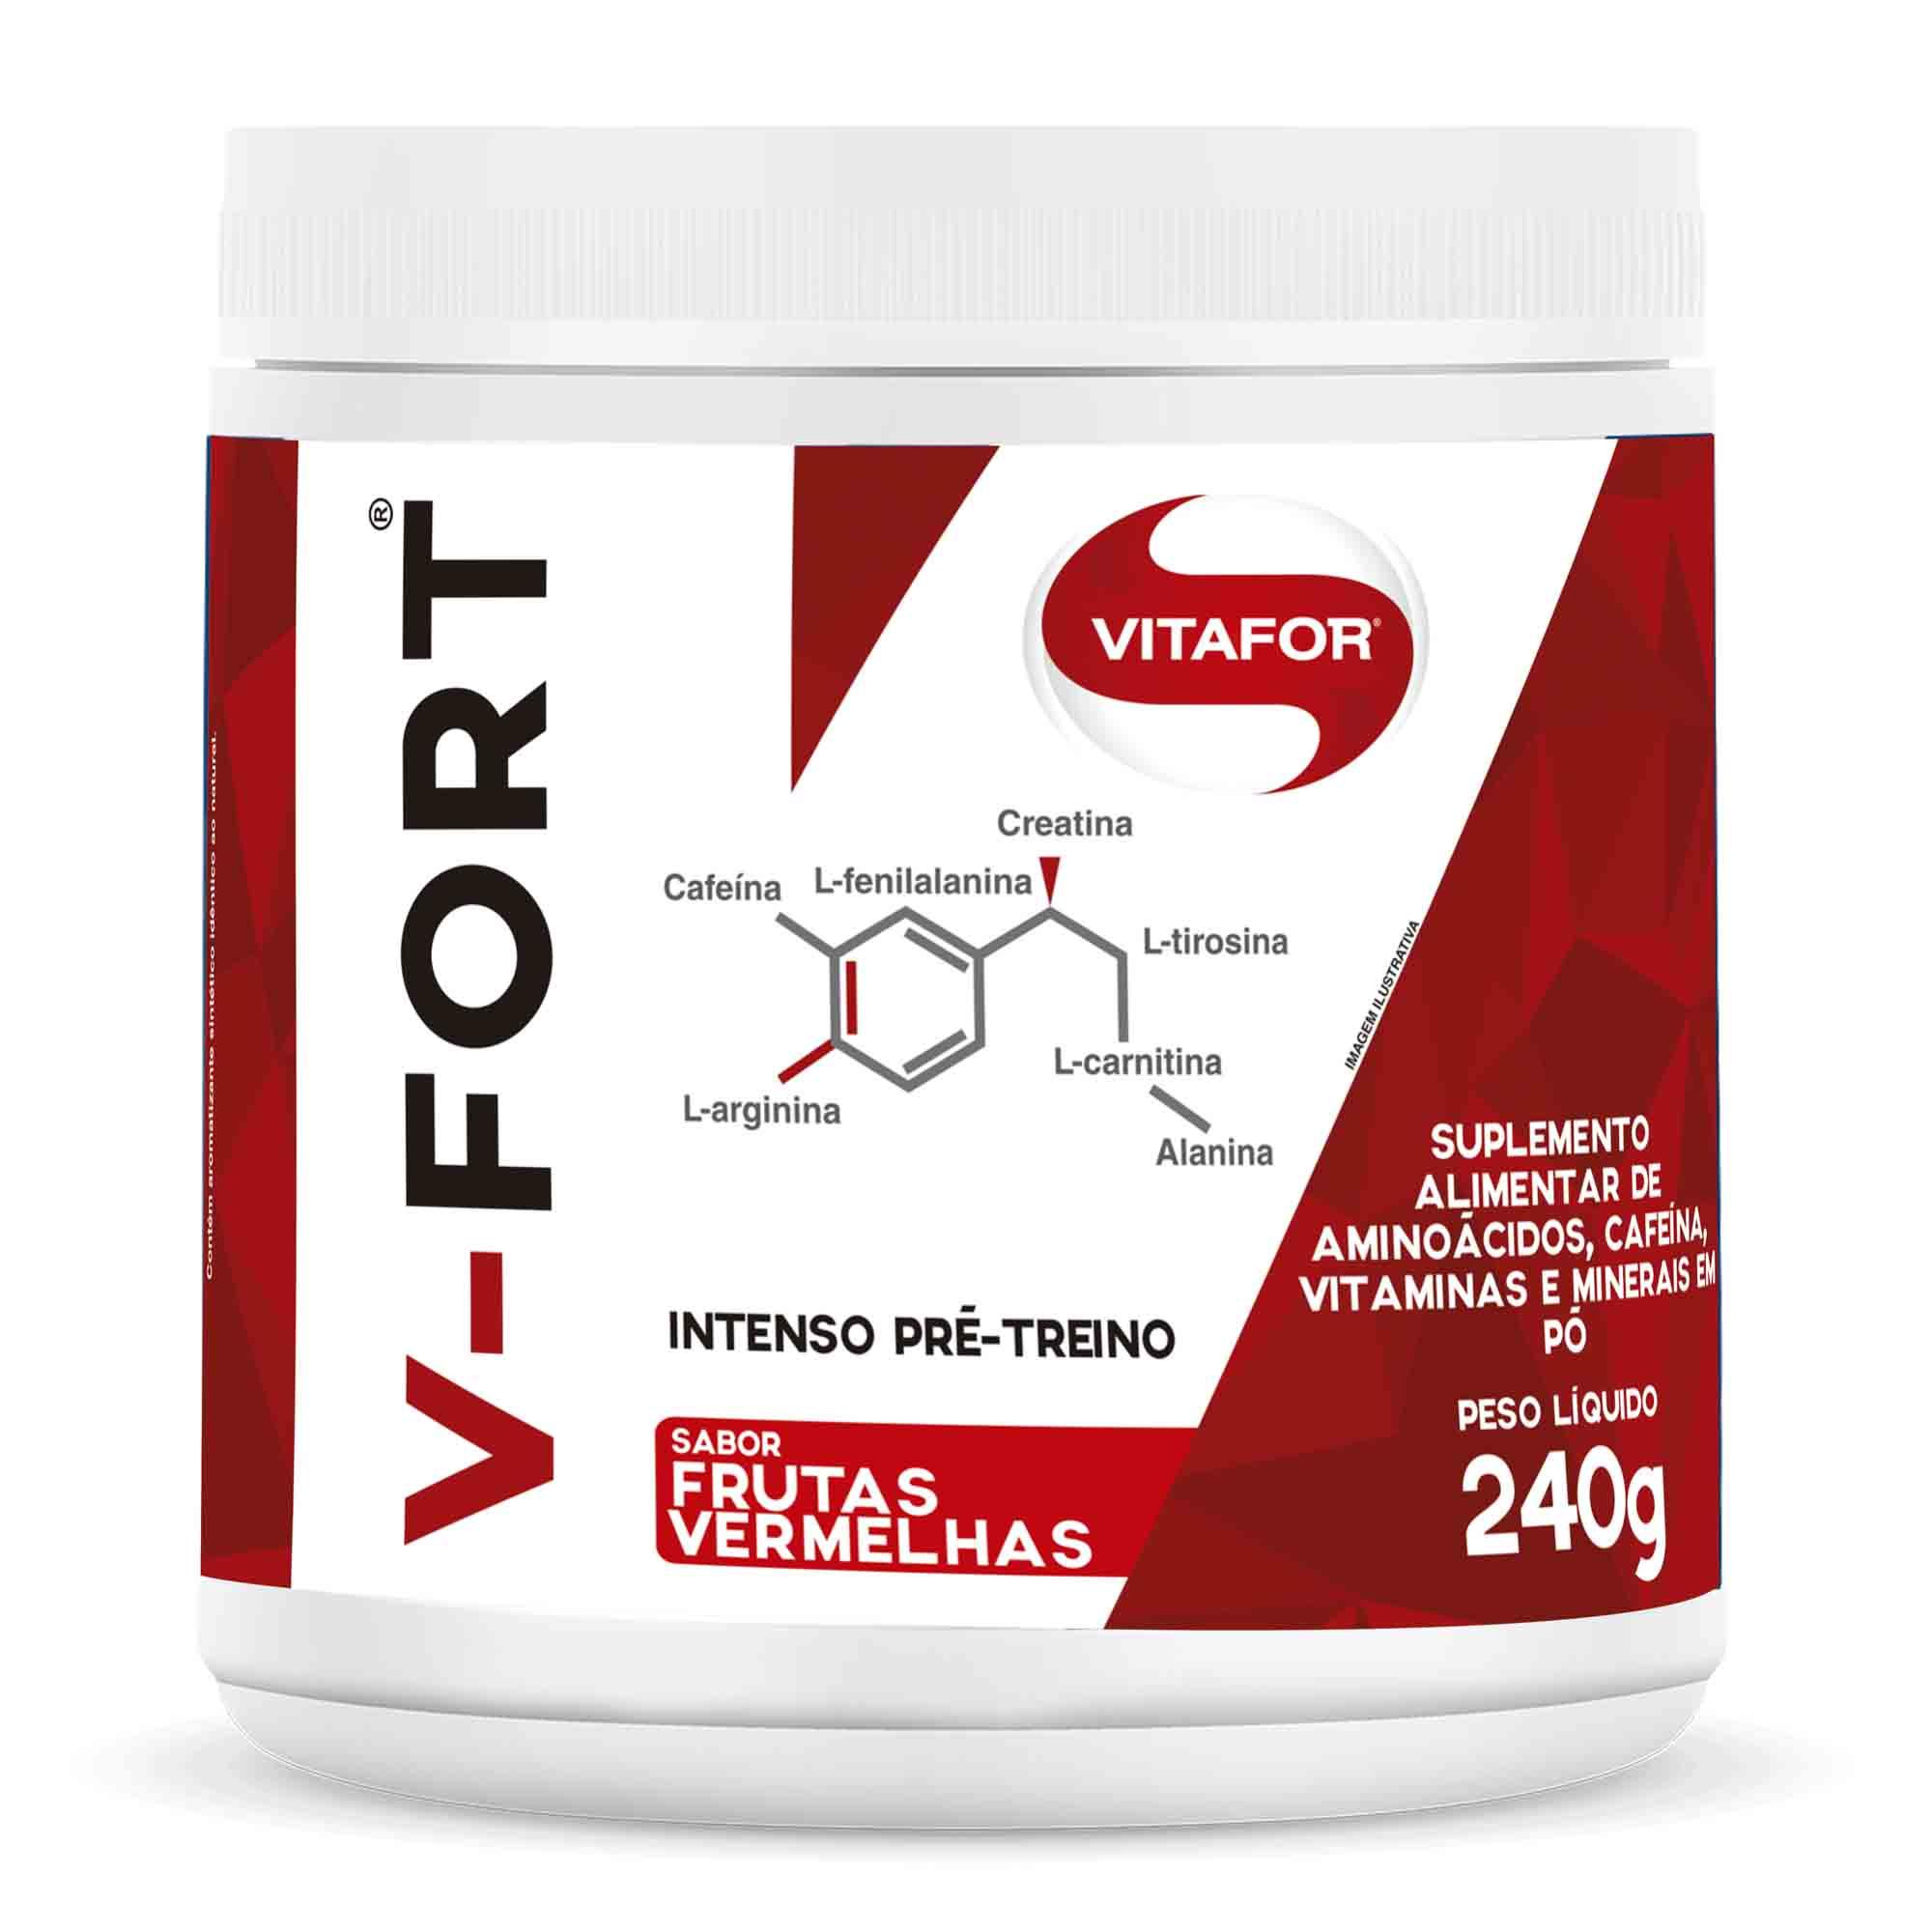 V-Fort Vitafor